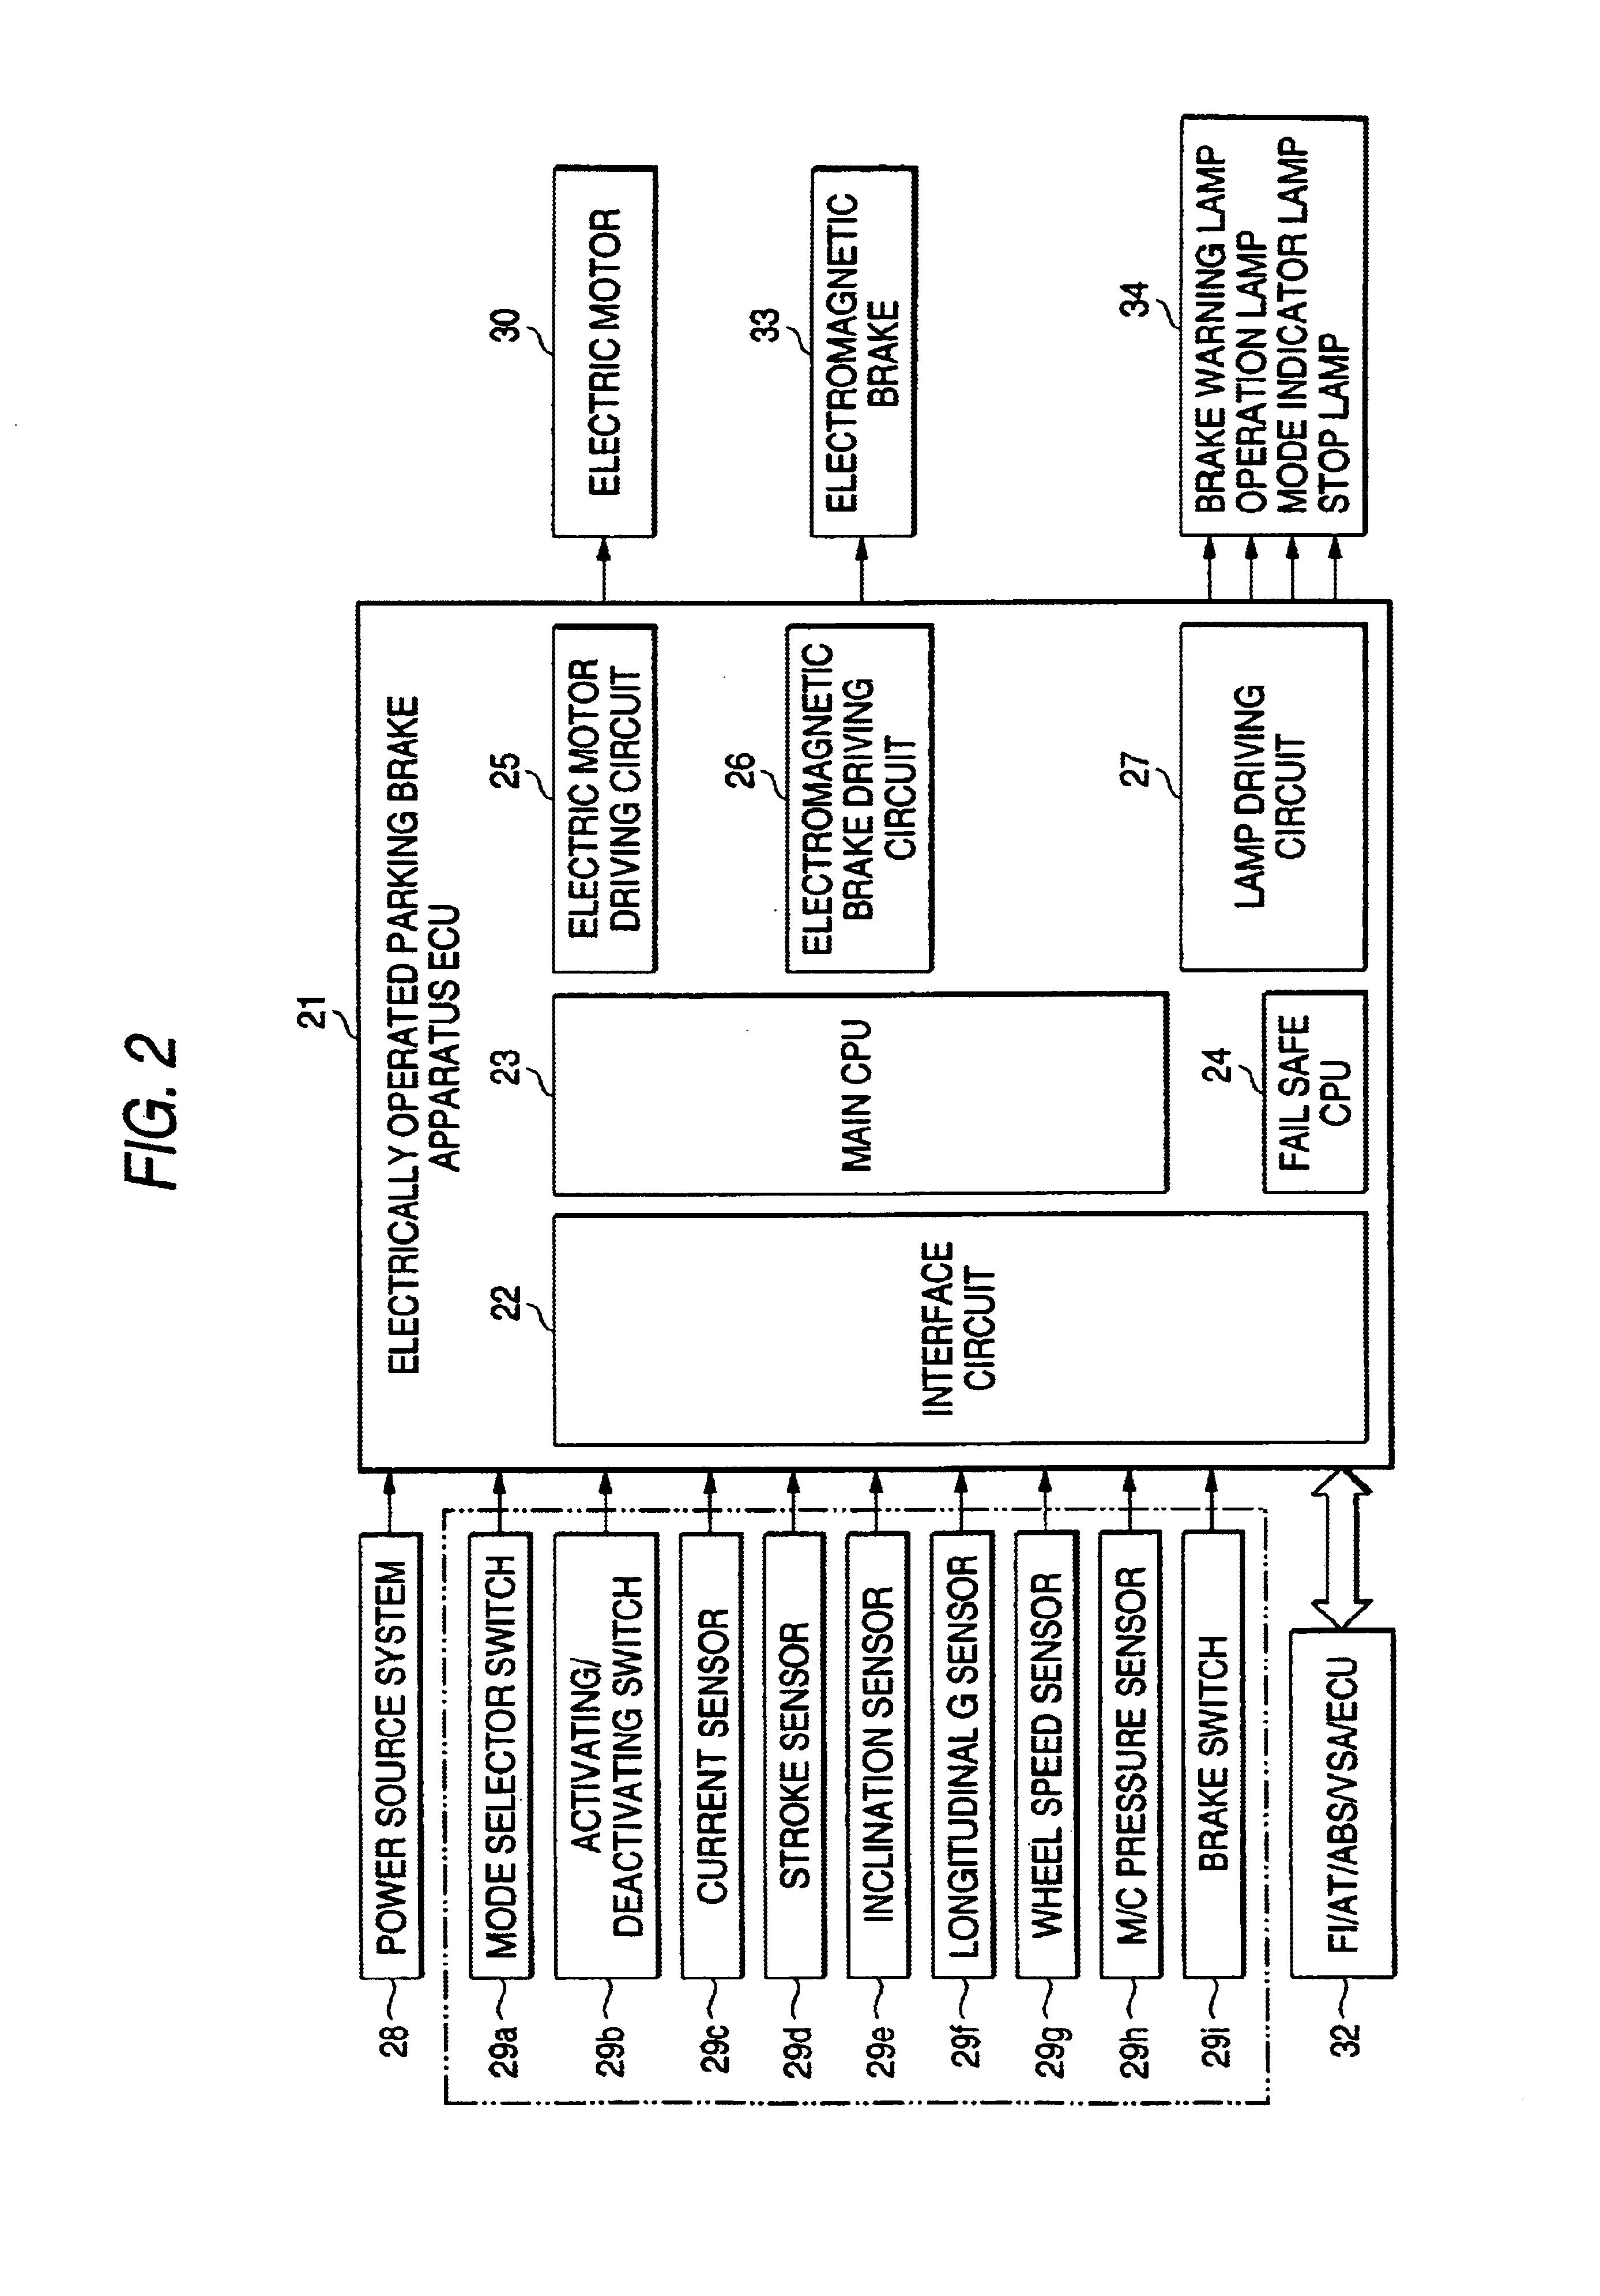 Patent Us6662909 Electrically Operated Parking Brake Apparatus Electric Motor Braking System Circuit Diagram Drawing